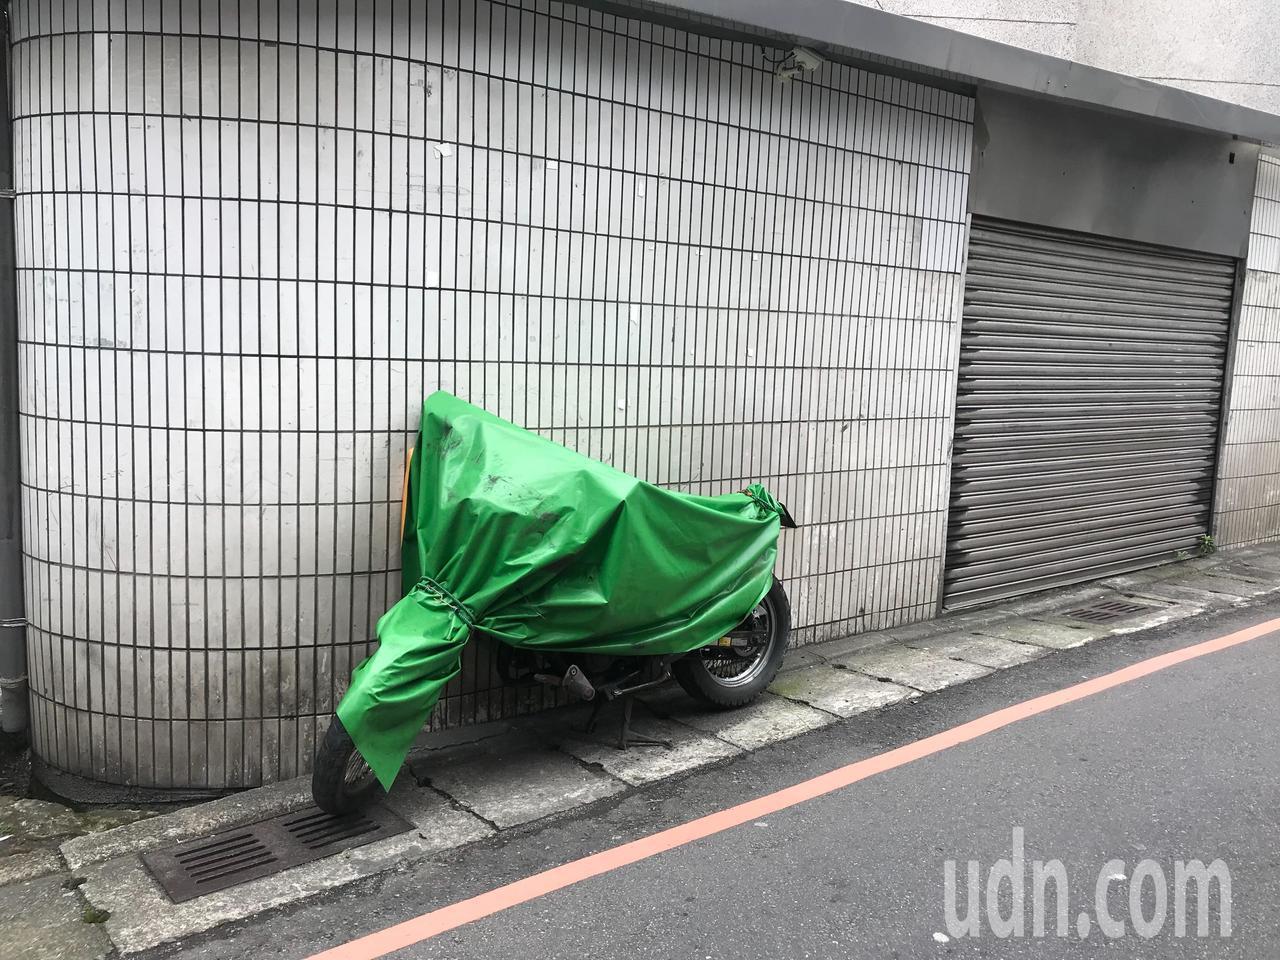 台灣民眾大量使用機車,市區機車停車格一位難求,街頭巷尾到處可見民眾將機車停在紅線...